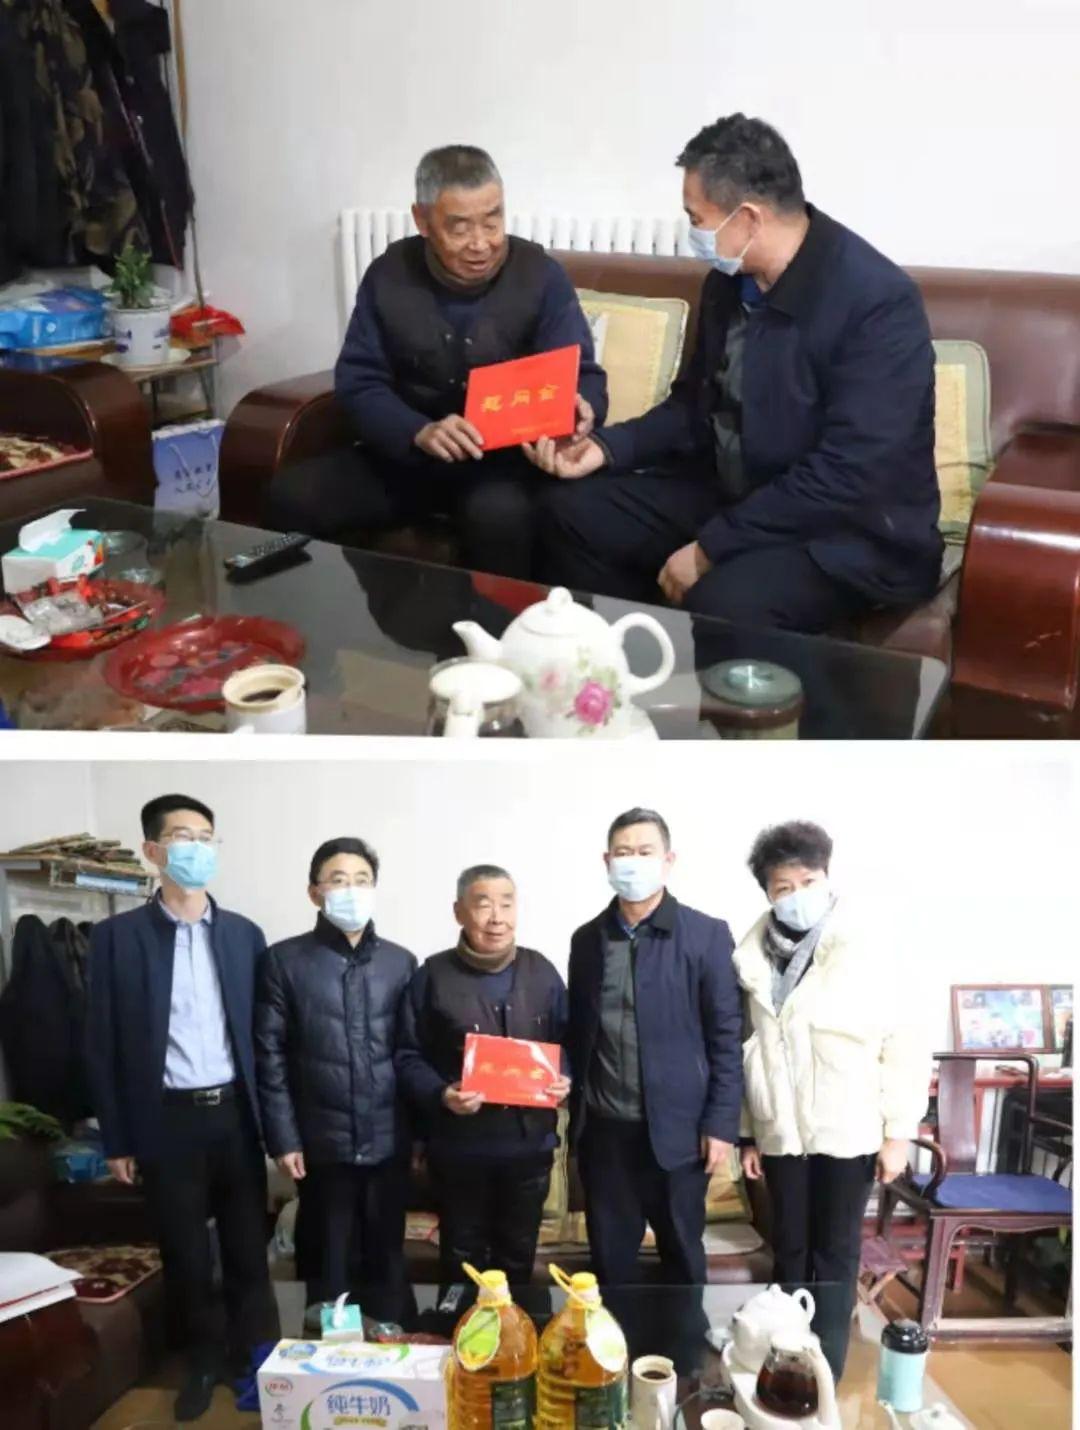 滨州市退役军人事务局到邹平市、高新区走访慰问优抚对象和退役军人